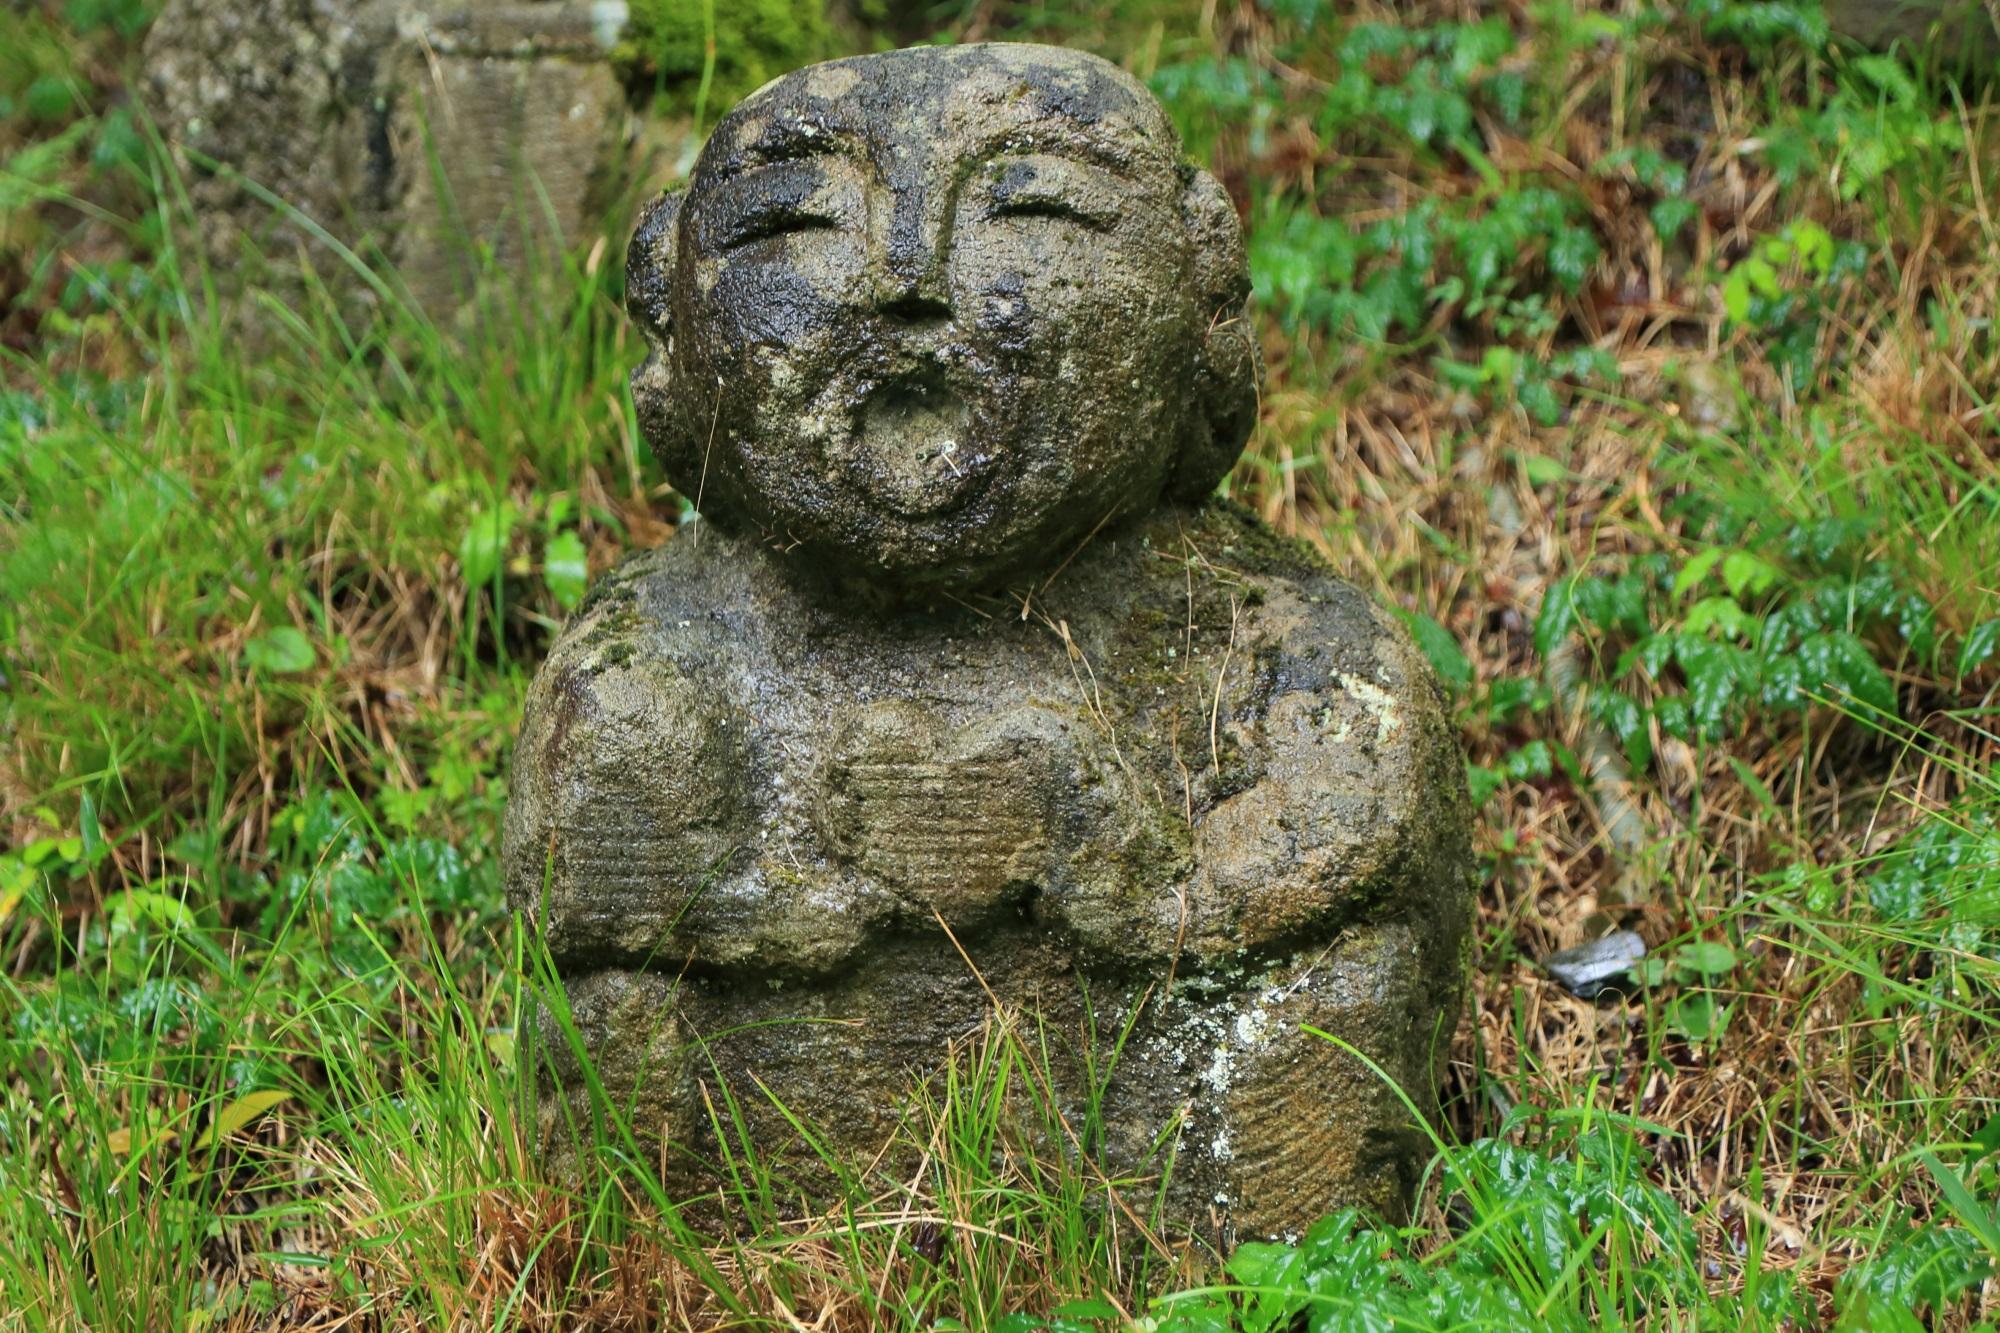 愛宕念仏寺のハートの千二百羅漢